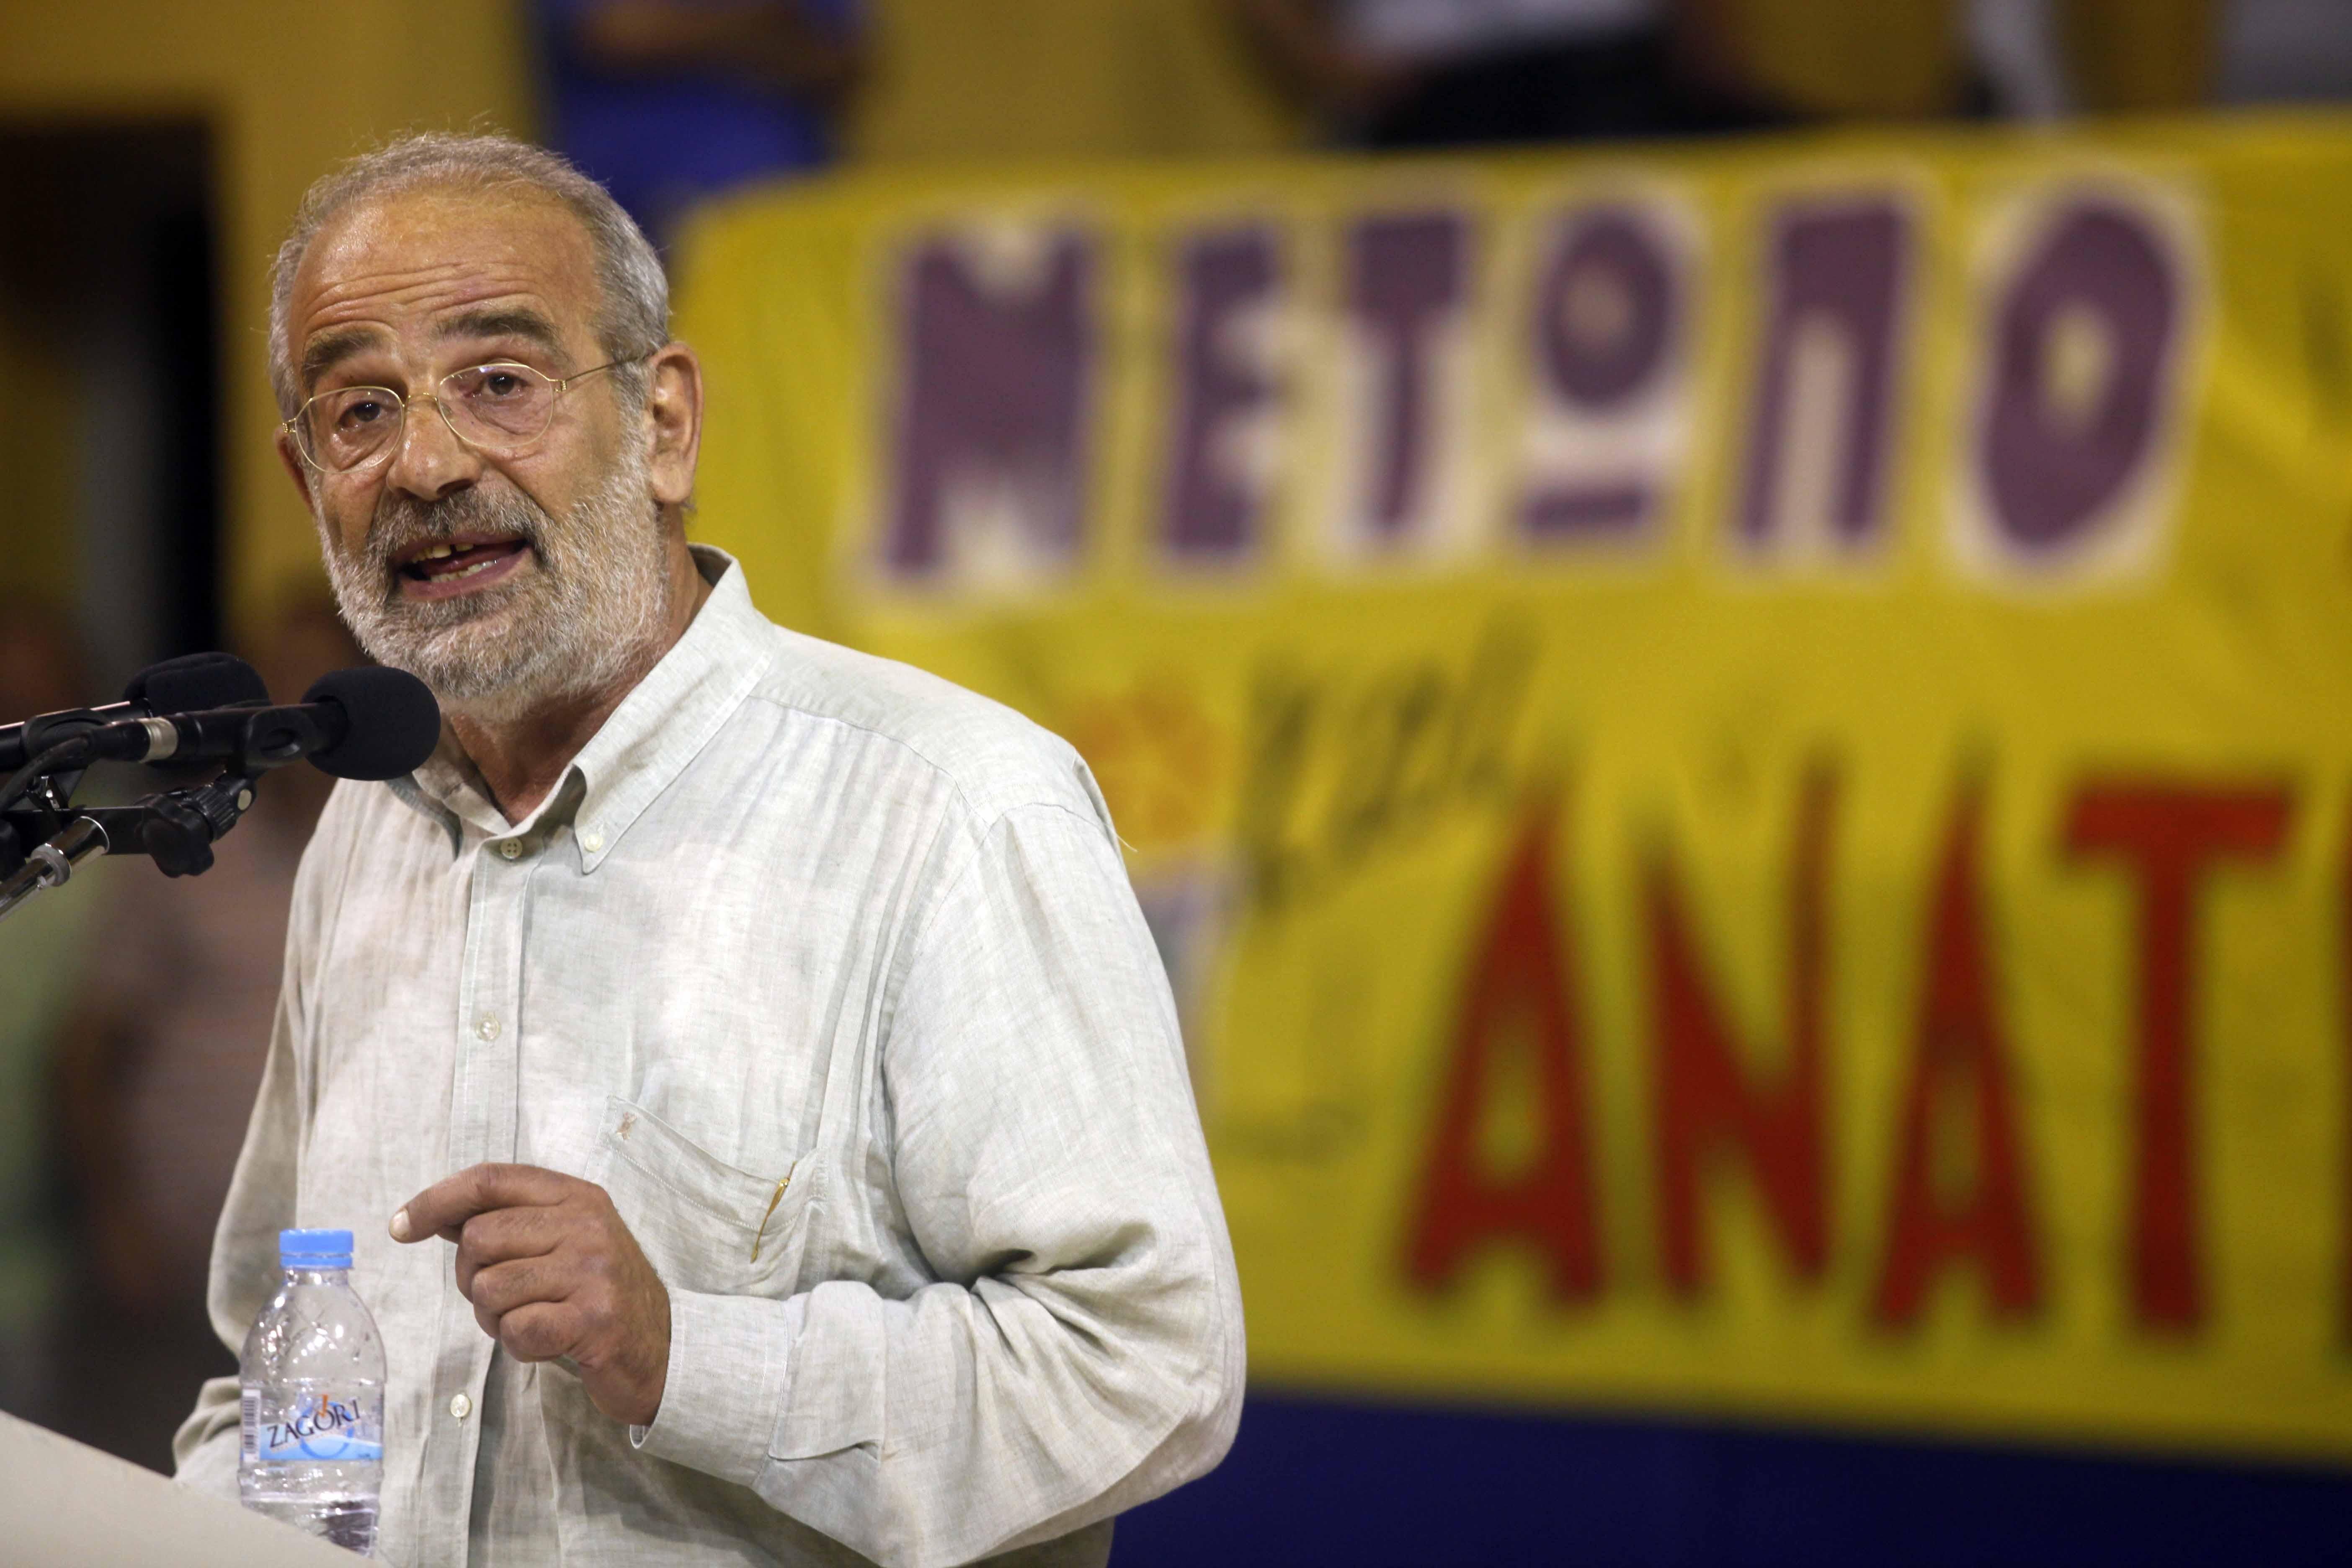 Δεν κατεβαίνει αυτόνομα στις εκλογές το «Μέτωπο» του Α. Αλαβάνου | tovima.gr